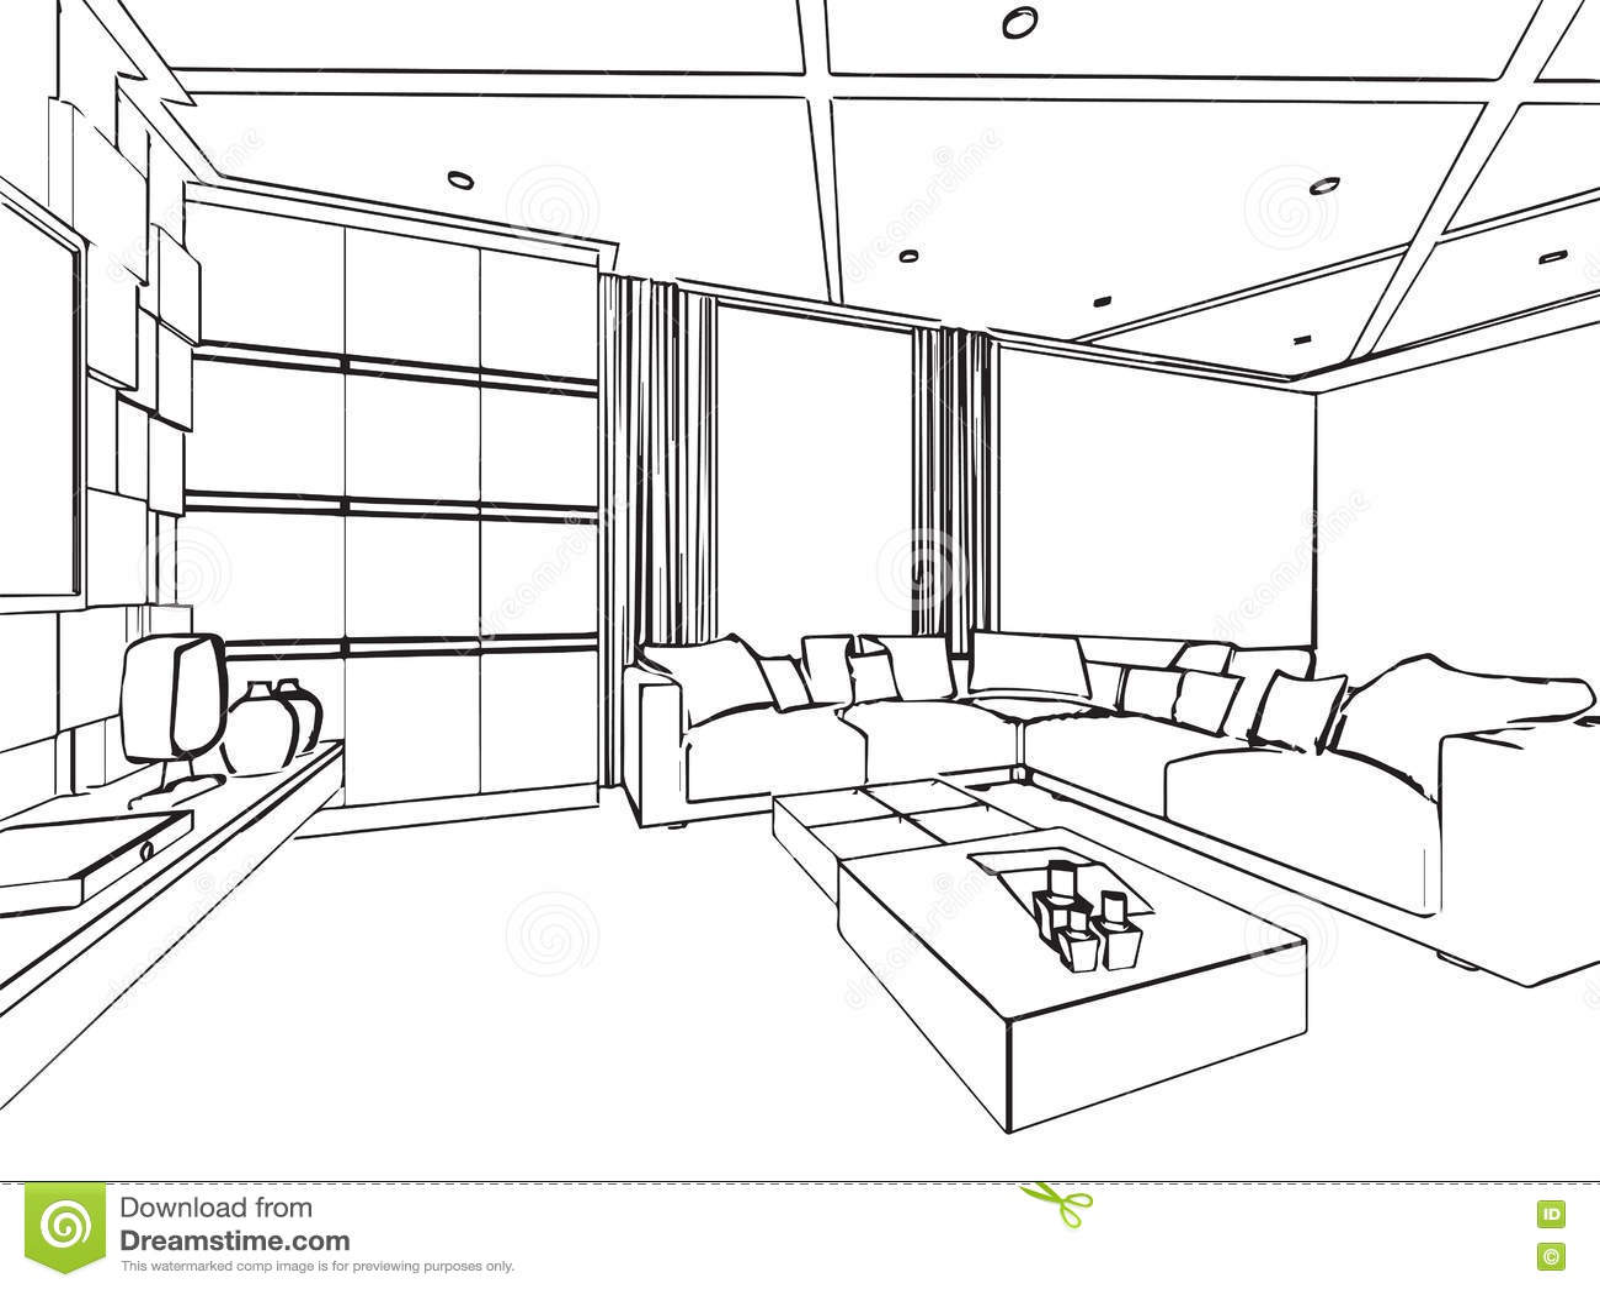 Dessins De Maison En Perspective : Perspective intérieure de dessin croquis d ensemble